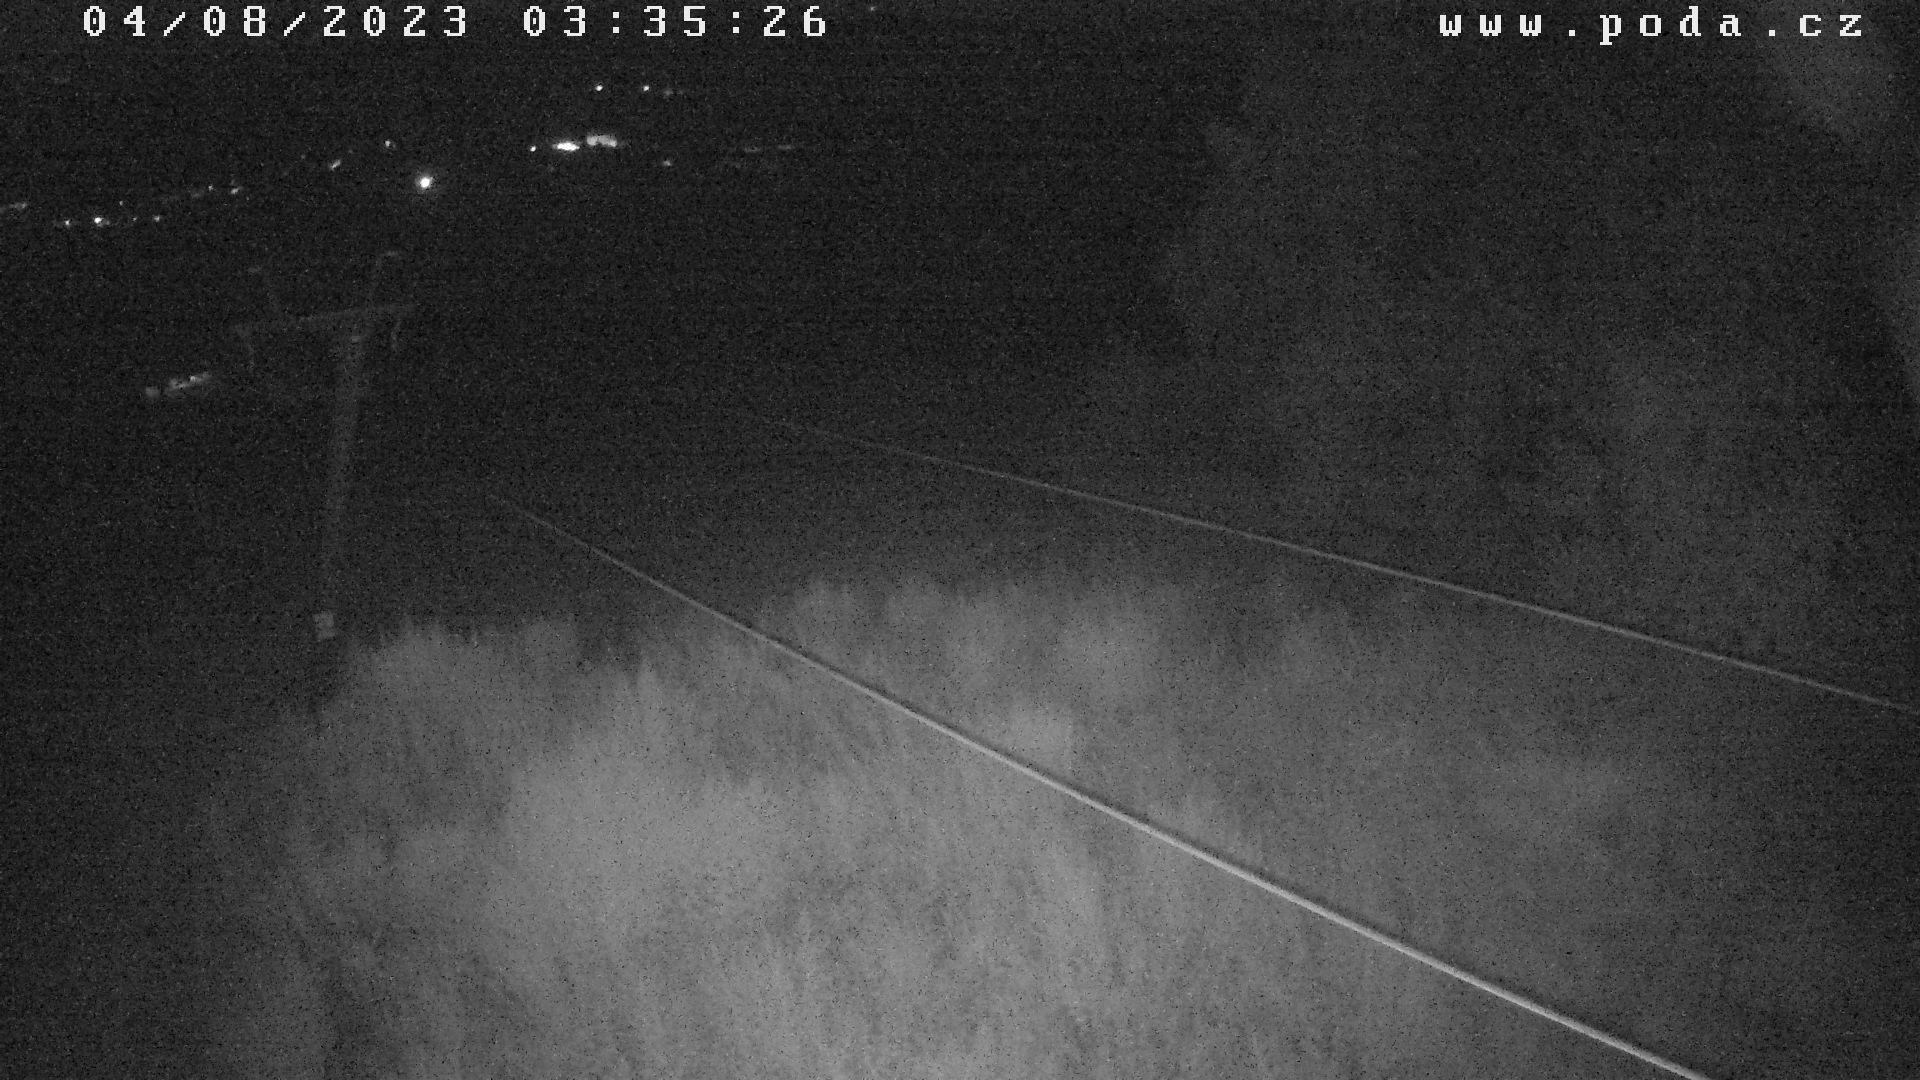 Olešnice na Moravě - aktuální pohled z webkamery